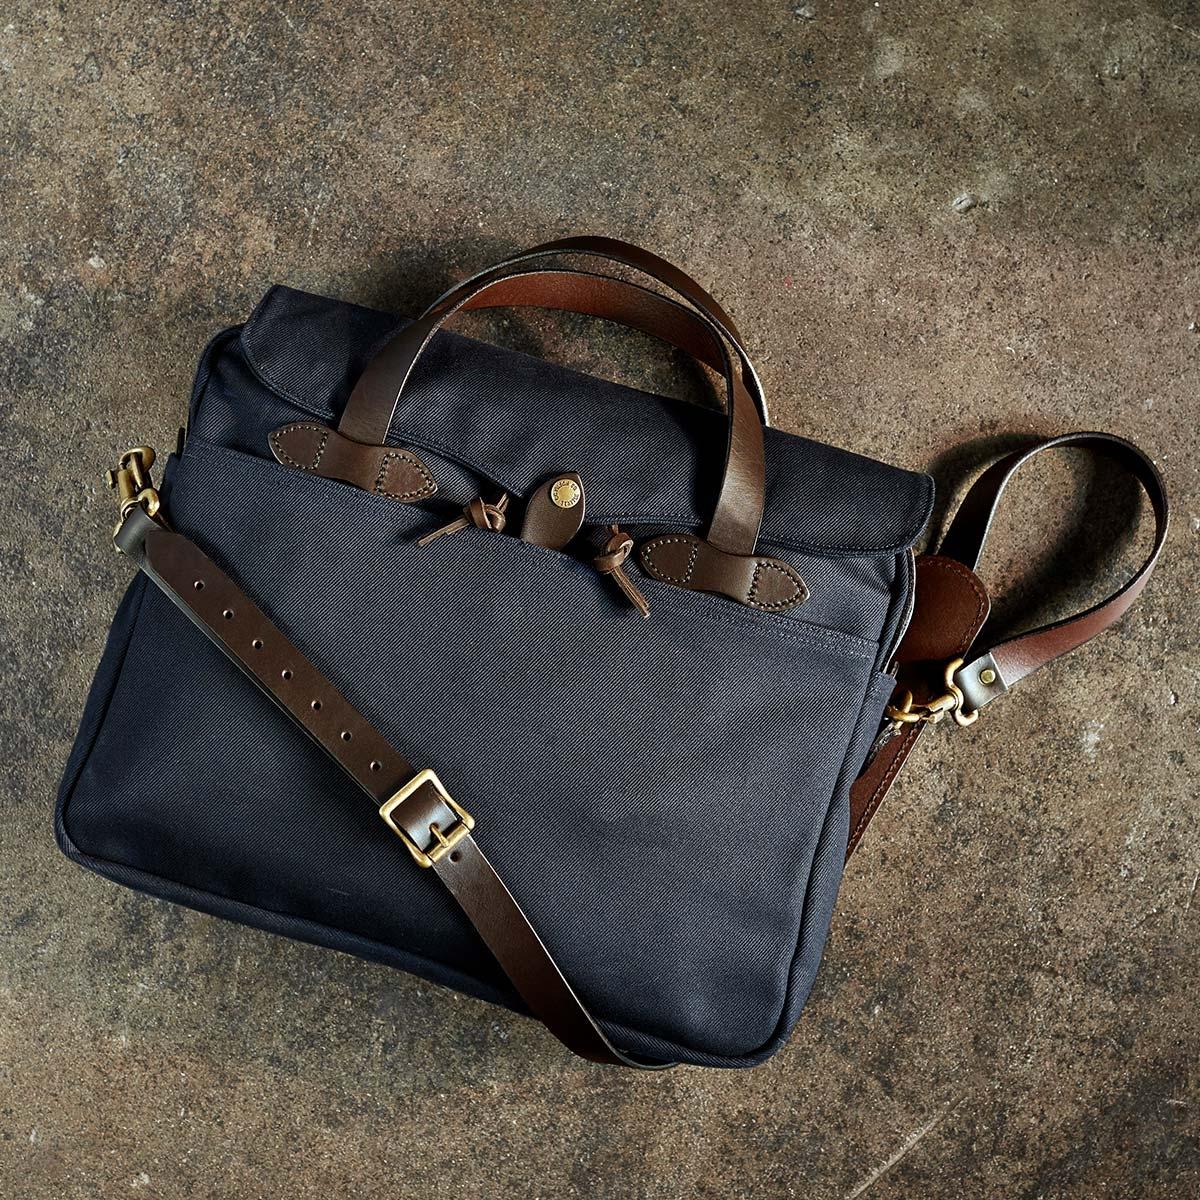 Filson Original Briefcase 11070256 Navy a rugged, vintage inspired, briefcase